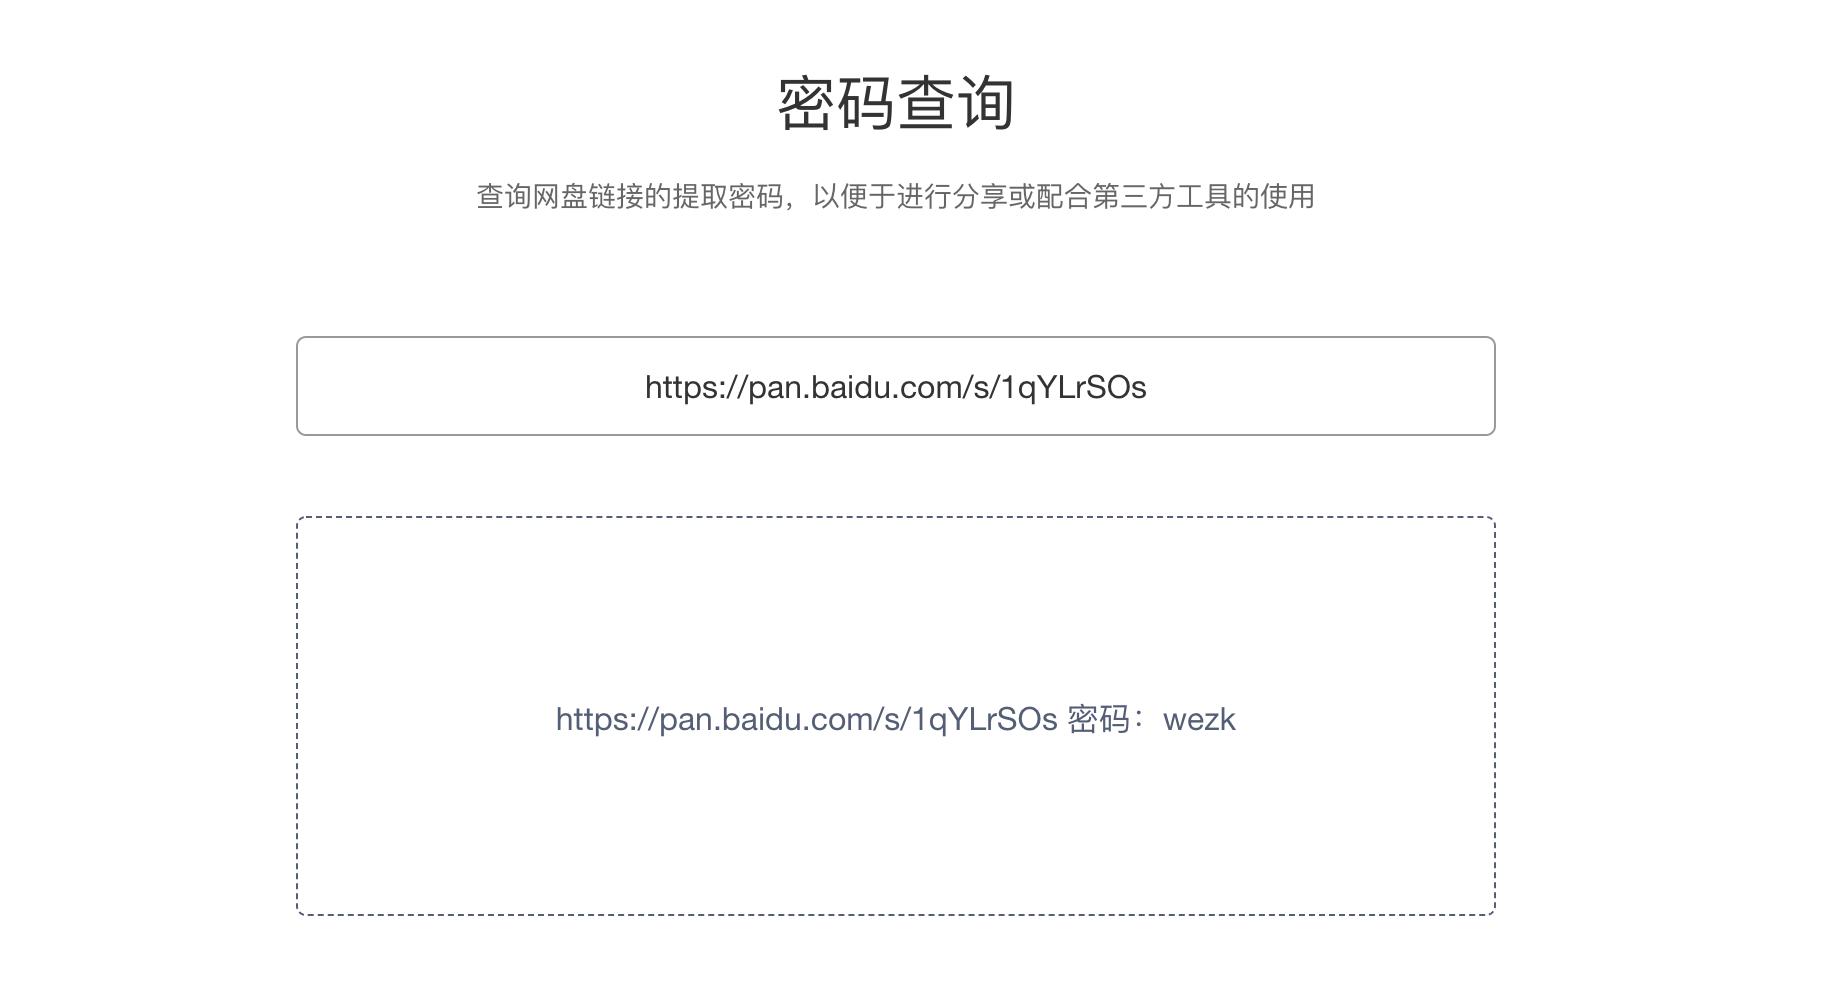 云盘万能钥匙:你的云盘助手,自动识别百度网盘提取密码!-iQiQi